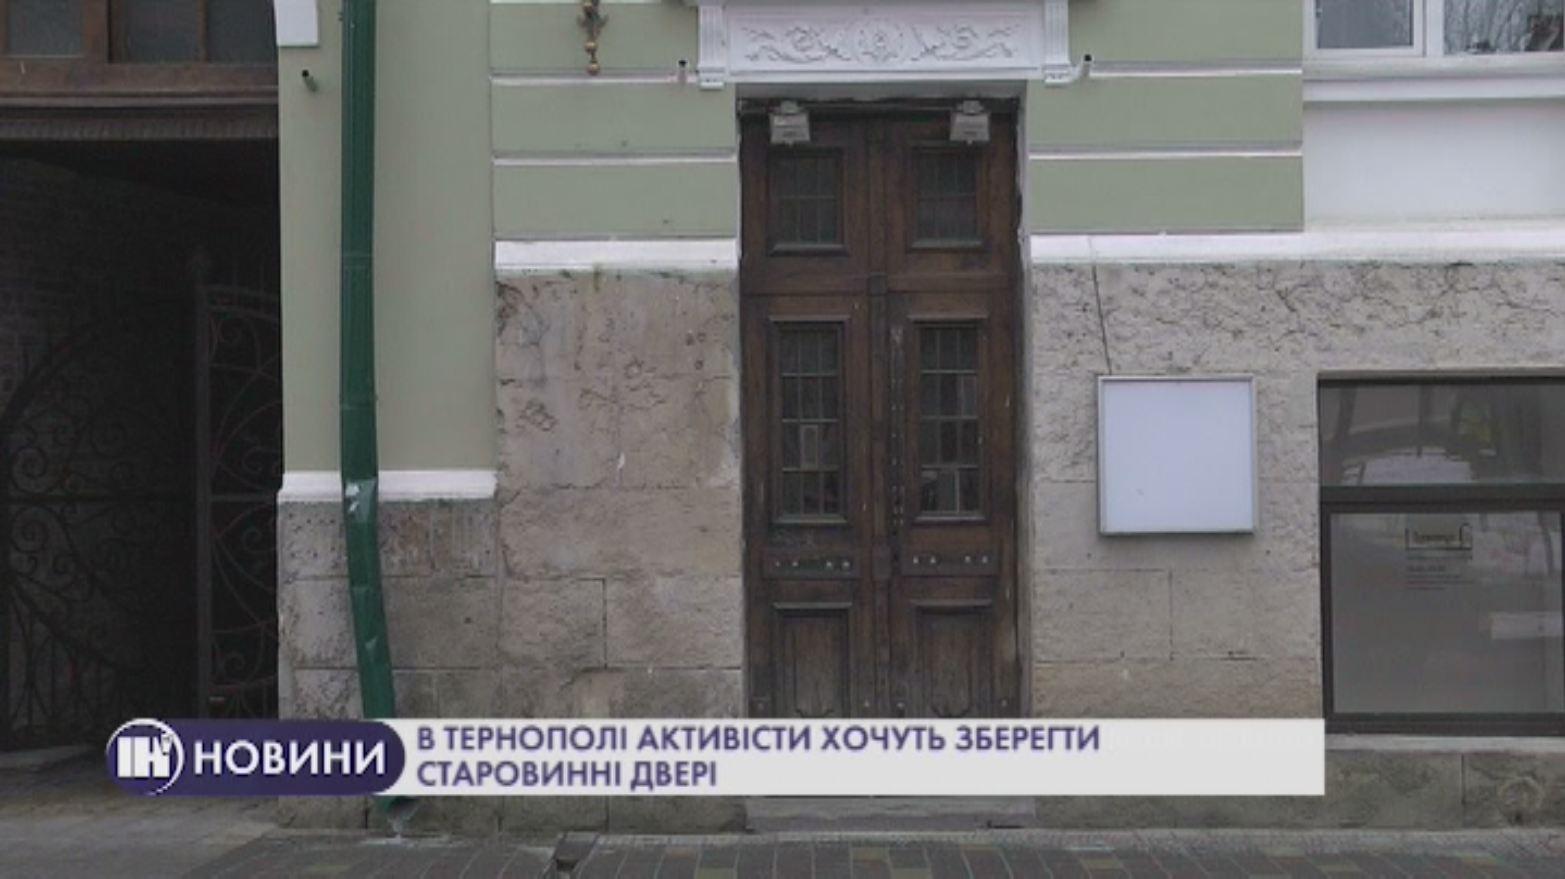 В Тернополі активісти хочуть зберегти старовинні двері